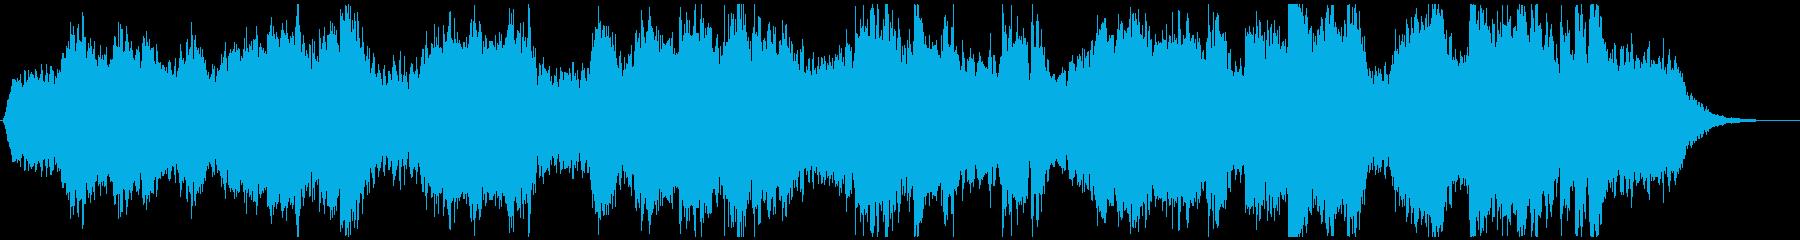 宇宙の誕生から星の変遷のアンビエント曲の再生済みの波形